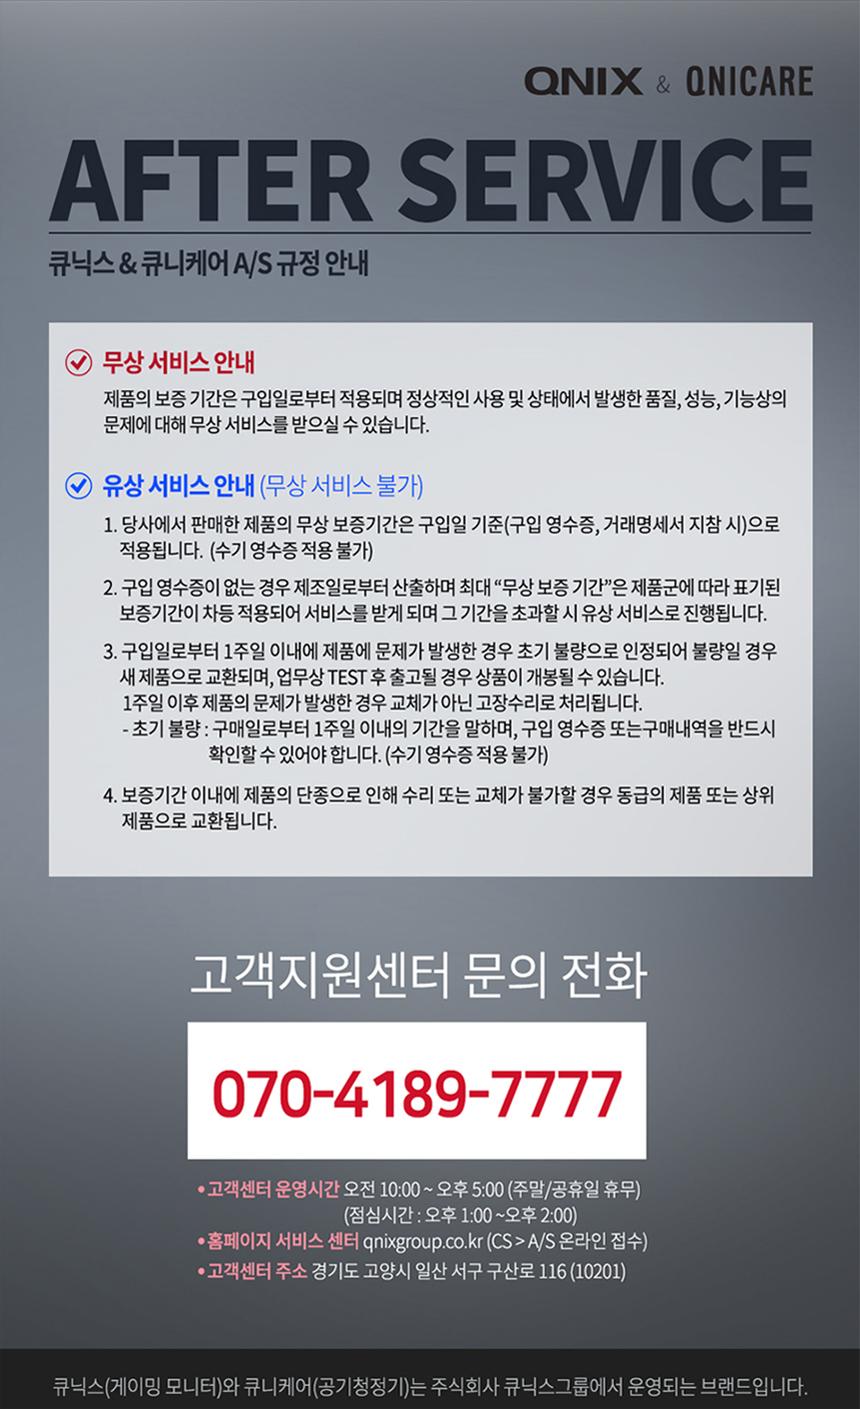 큐닉스그룹 큐닉스 QHD27L REAL 165 NANO IPS 무결점